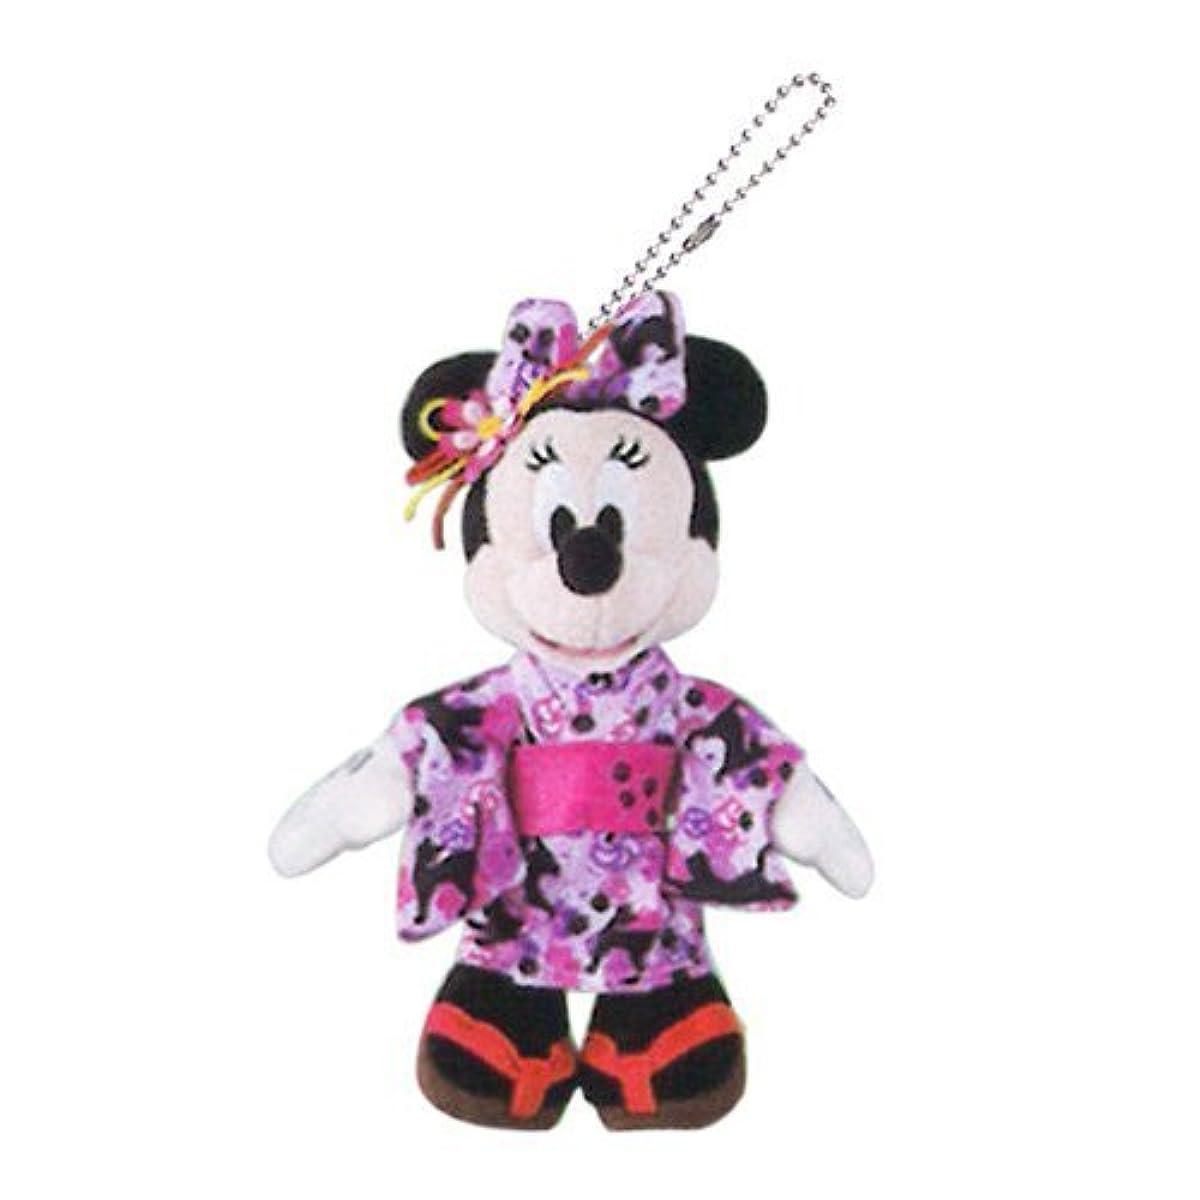 [해외] 미니 마우스 빅사이즈 봉제인형 배지 유카퍼터 일본옷 여름 축제【도쿄 디즈니 리조트 한정】